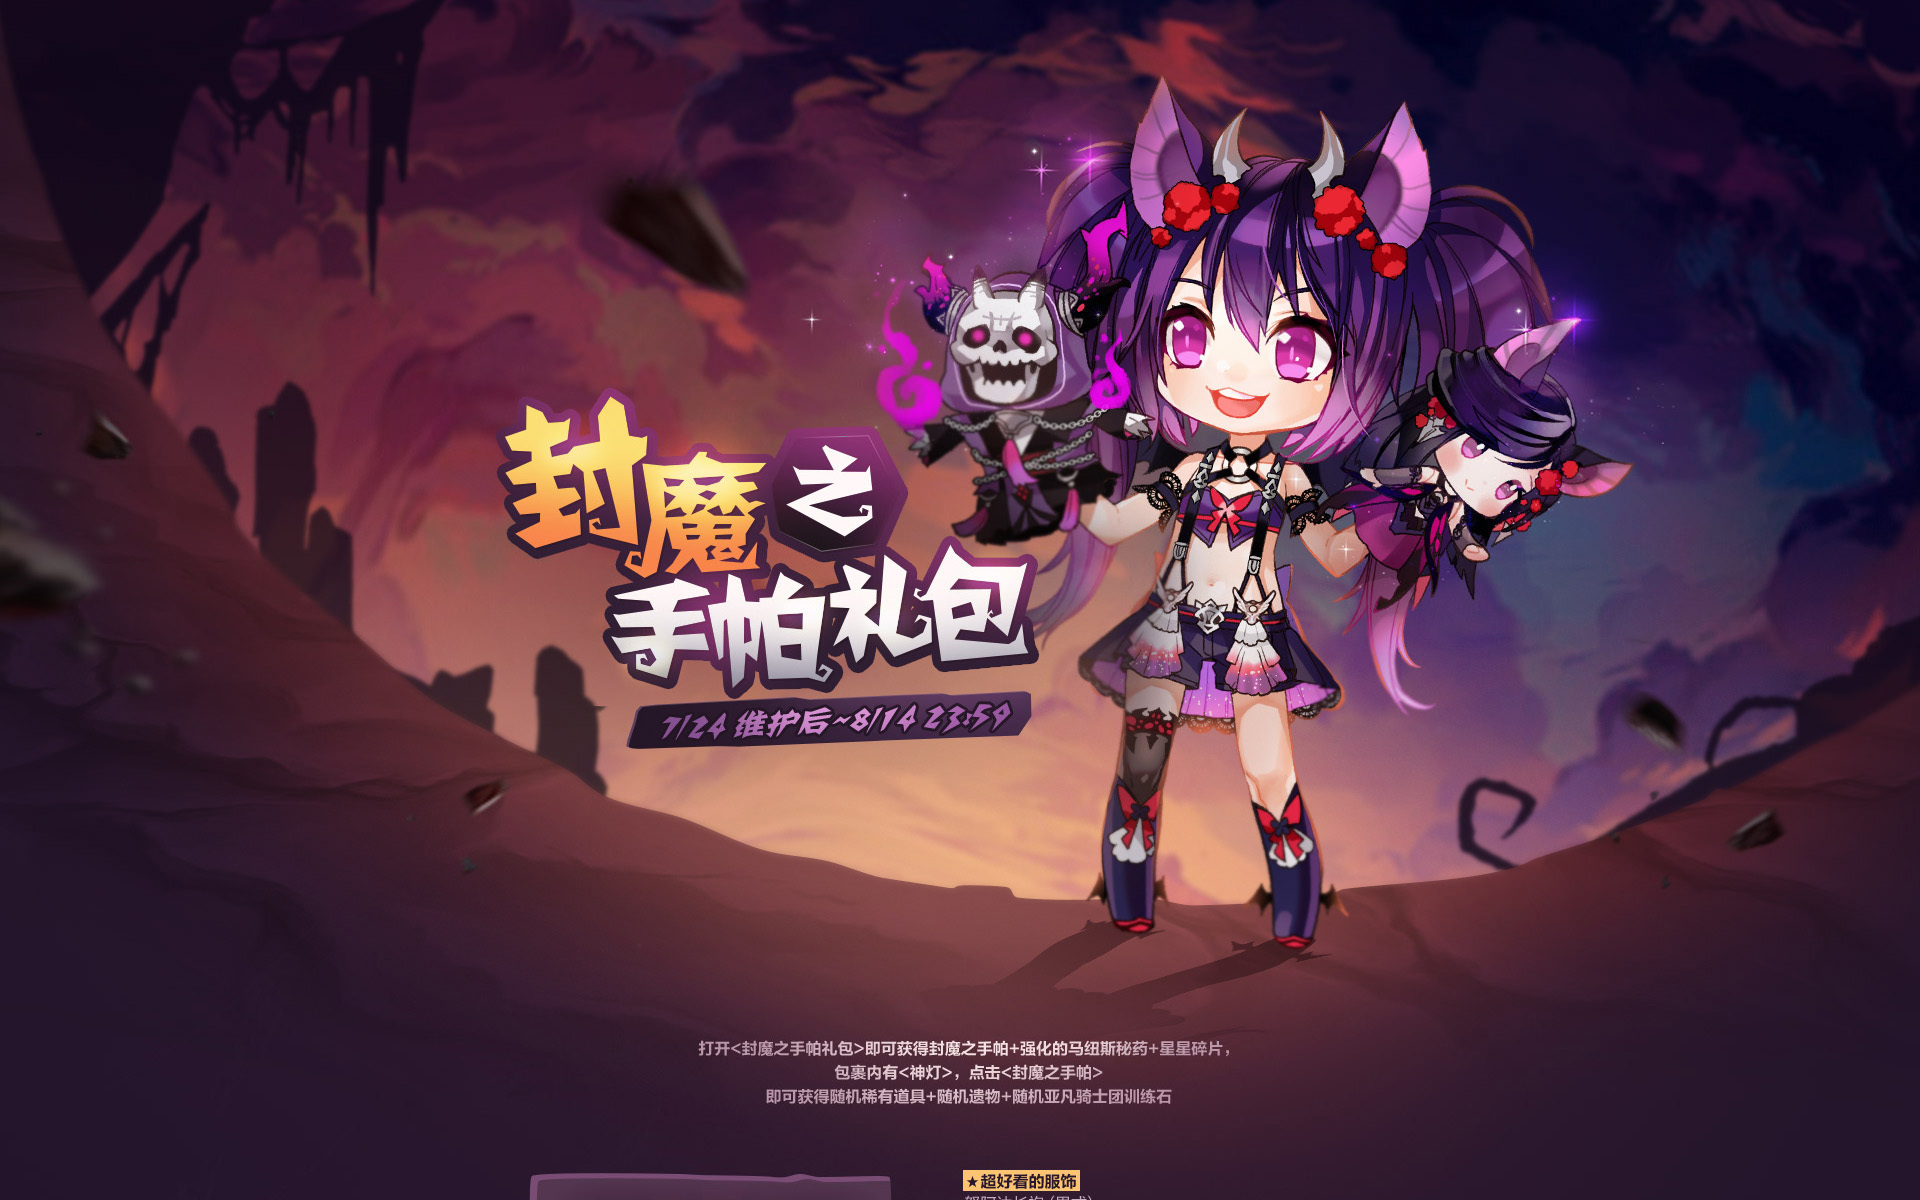 中国マビ190724-B1